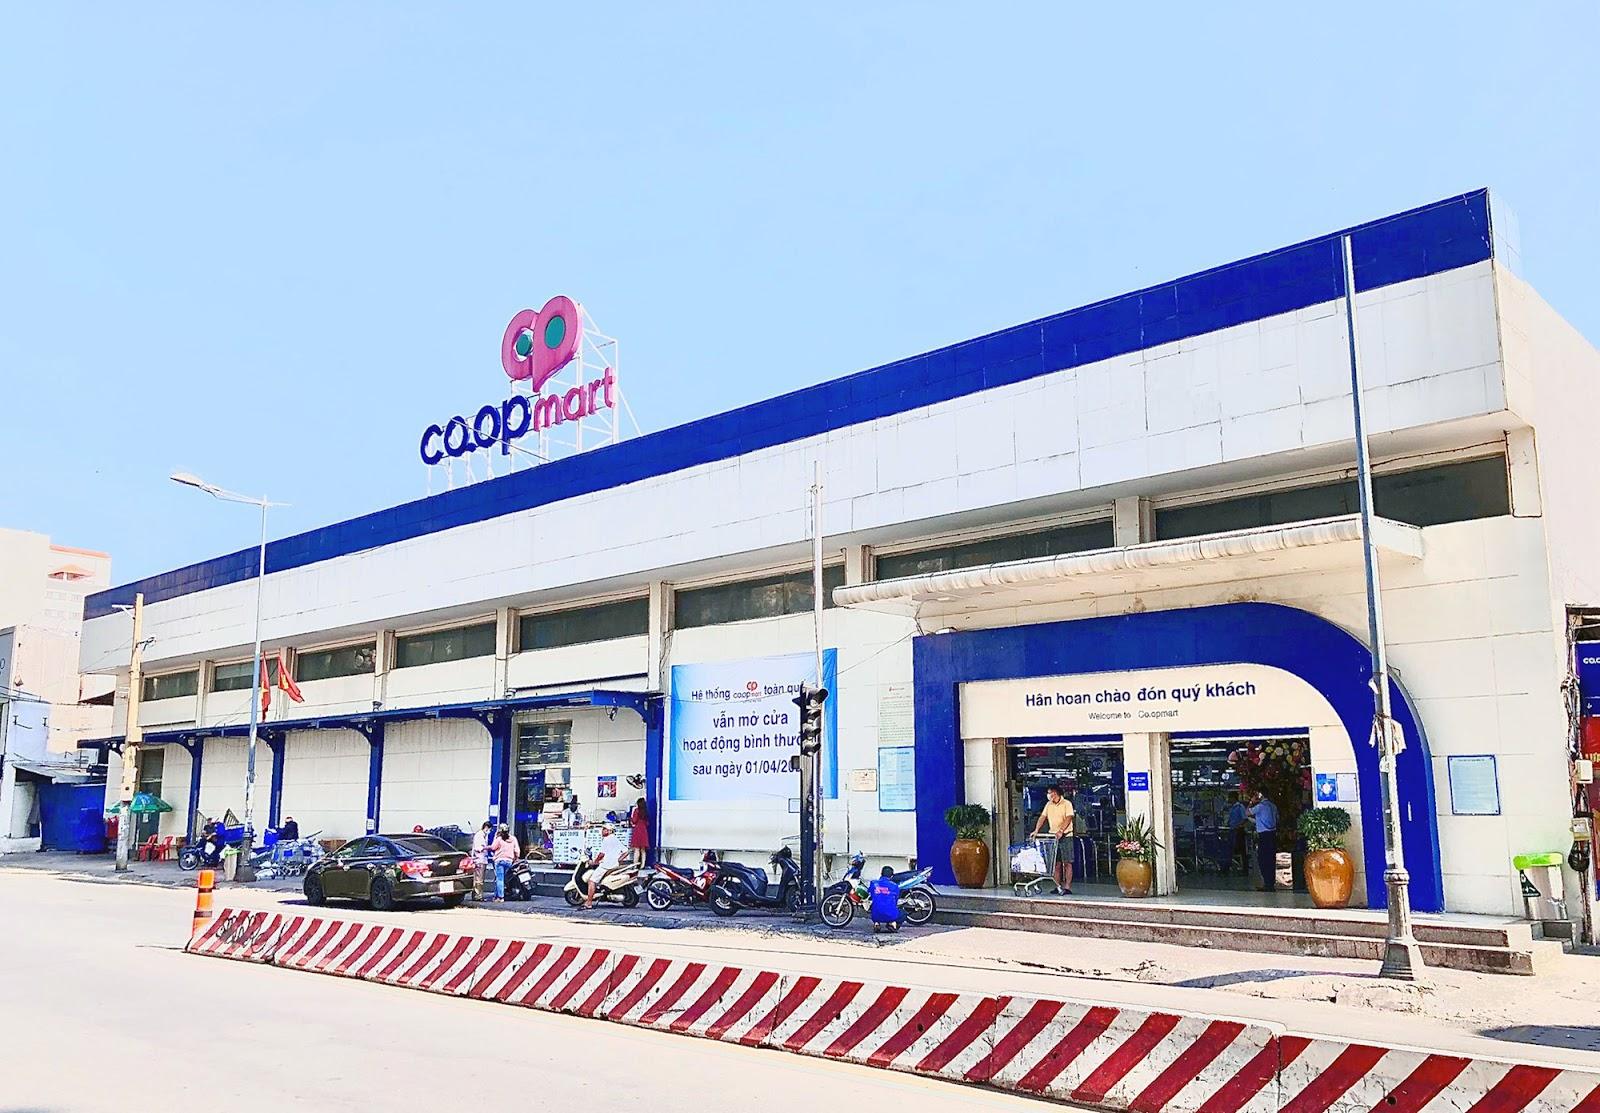 Rộ thông tin Co.opmart đầu tiên tại TP HCM sắp đóng cửa - Báo Người lao động